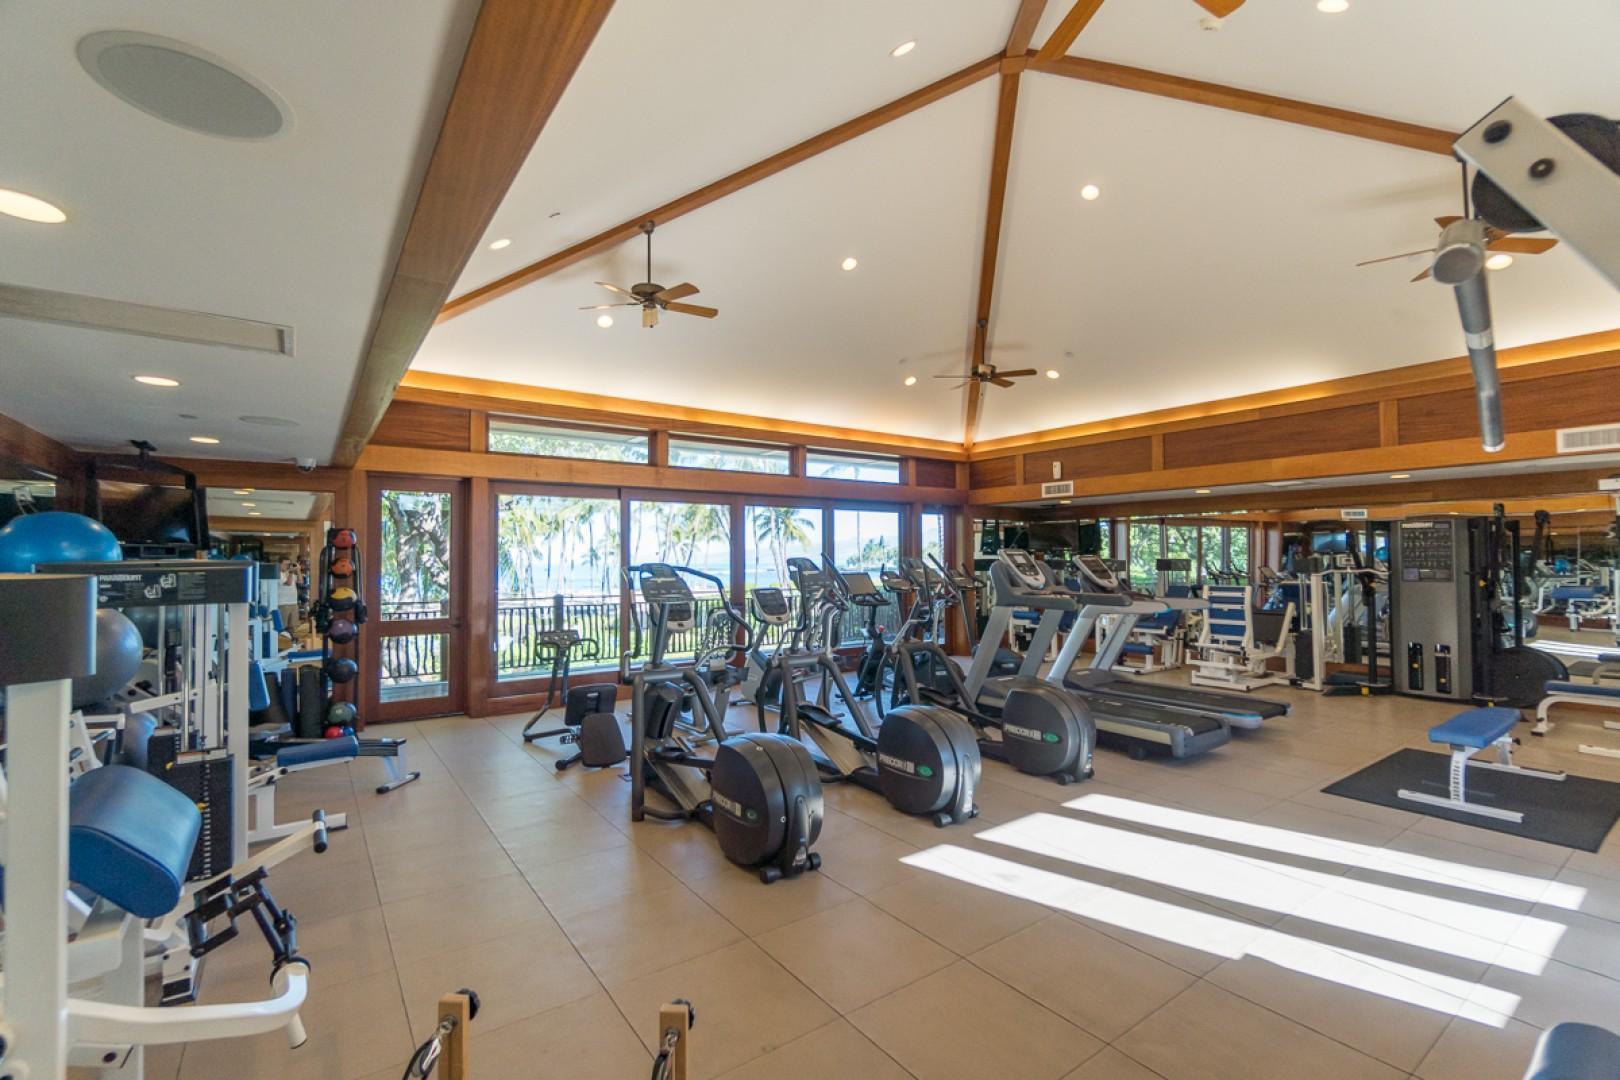 Shared fitness center